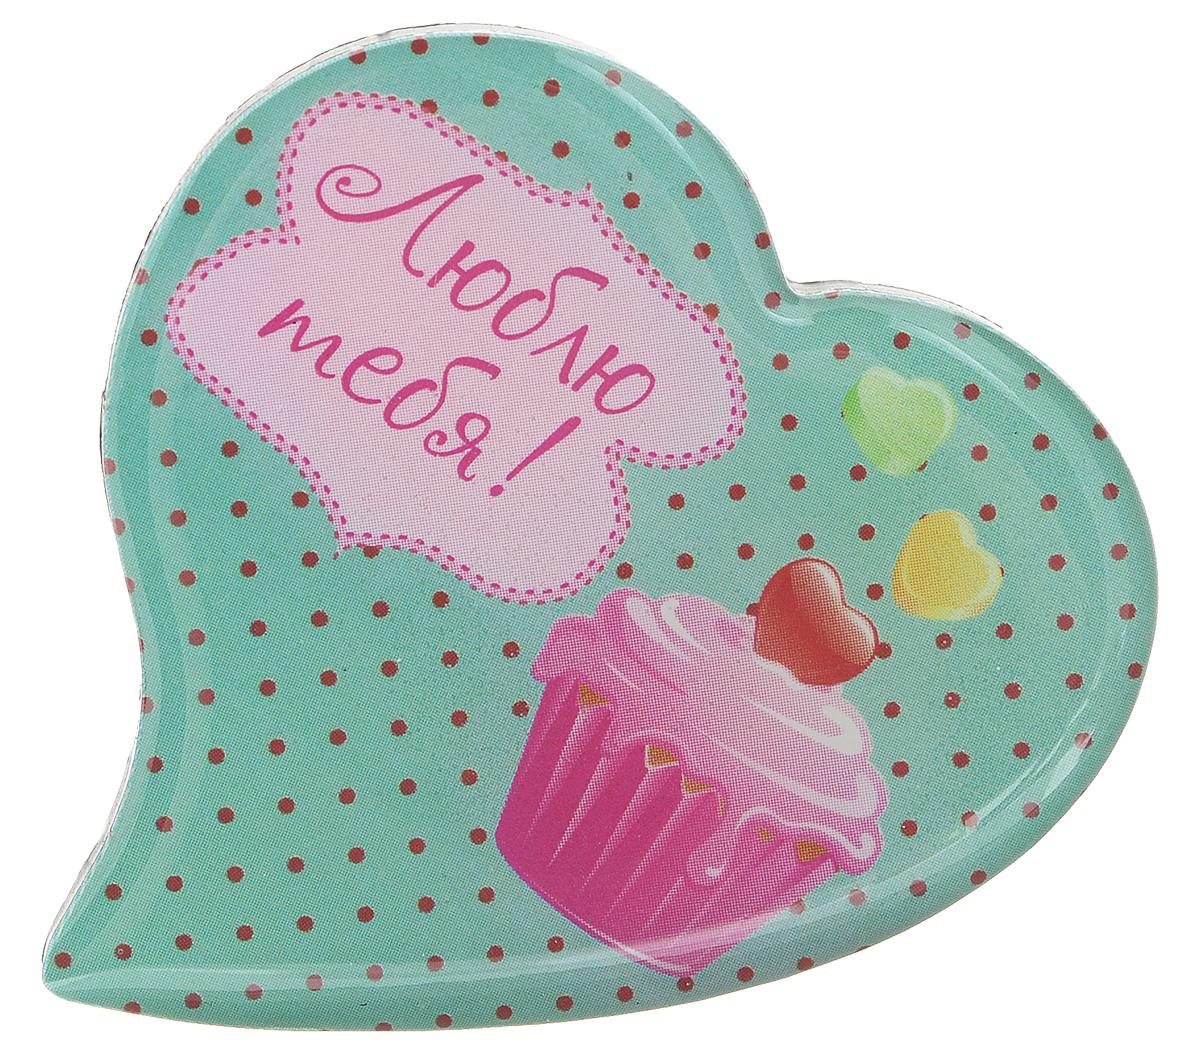 Магнит Феникс-презент Люблю тебя!, 5 x 5 см 27179010120016/4Магнит в форме сердца Феникс-презент Люблю тебя!, выполненный из агломерированного феррита, станет приятным штрихом в повседневной жизни. Оригинальный магнит, декорированный изображением пирожного, поможет вам украсить не только холодильник, но и любую другую магнитную поверхность. Материал: агломерированный феррит.